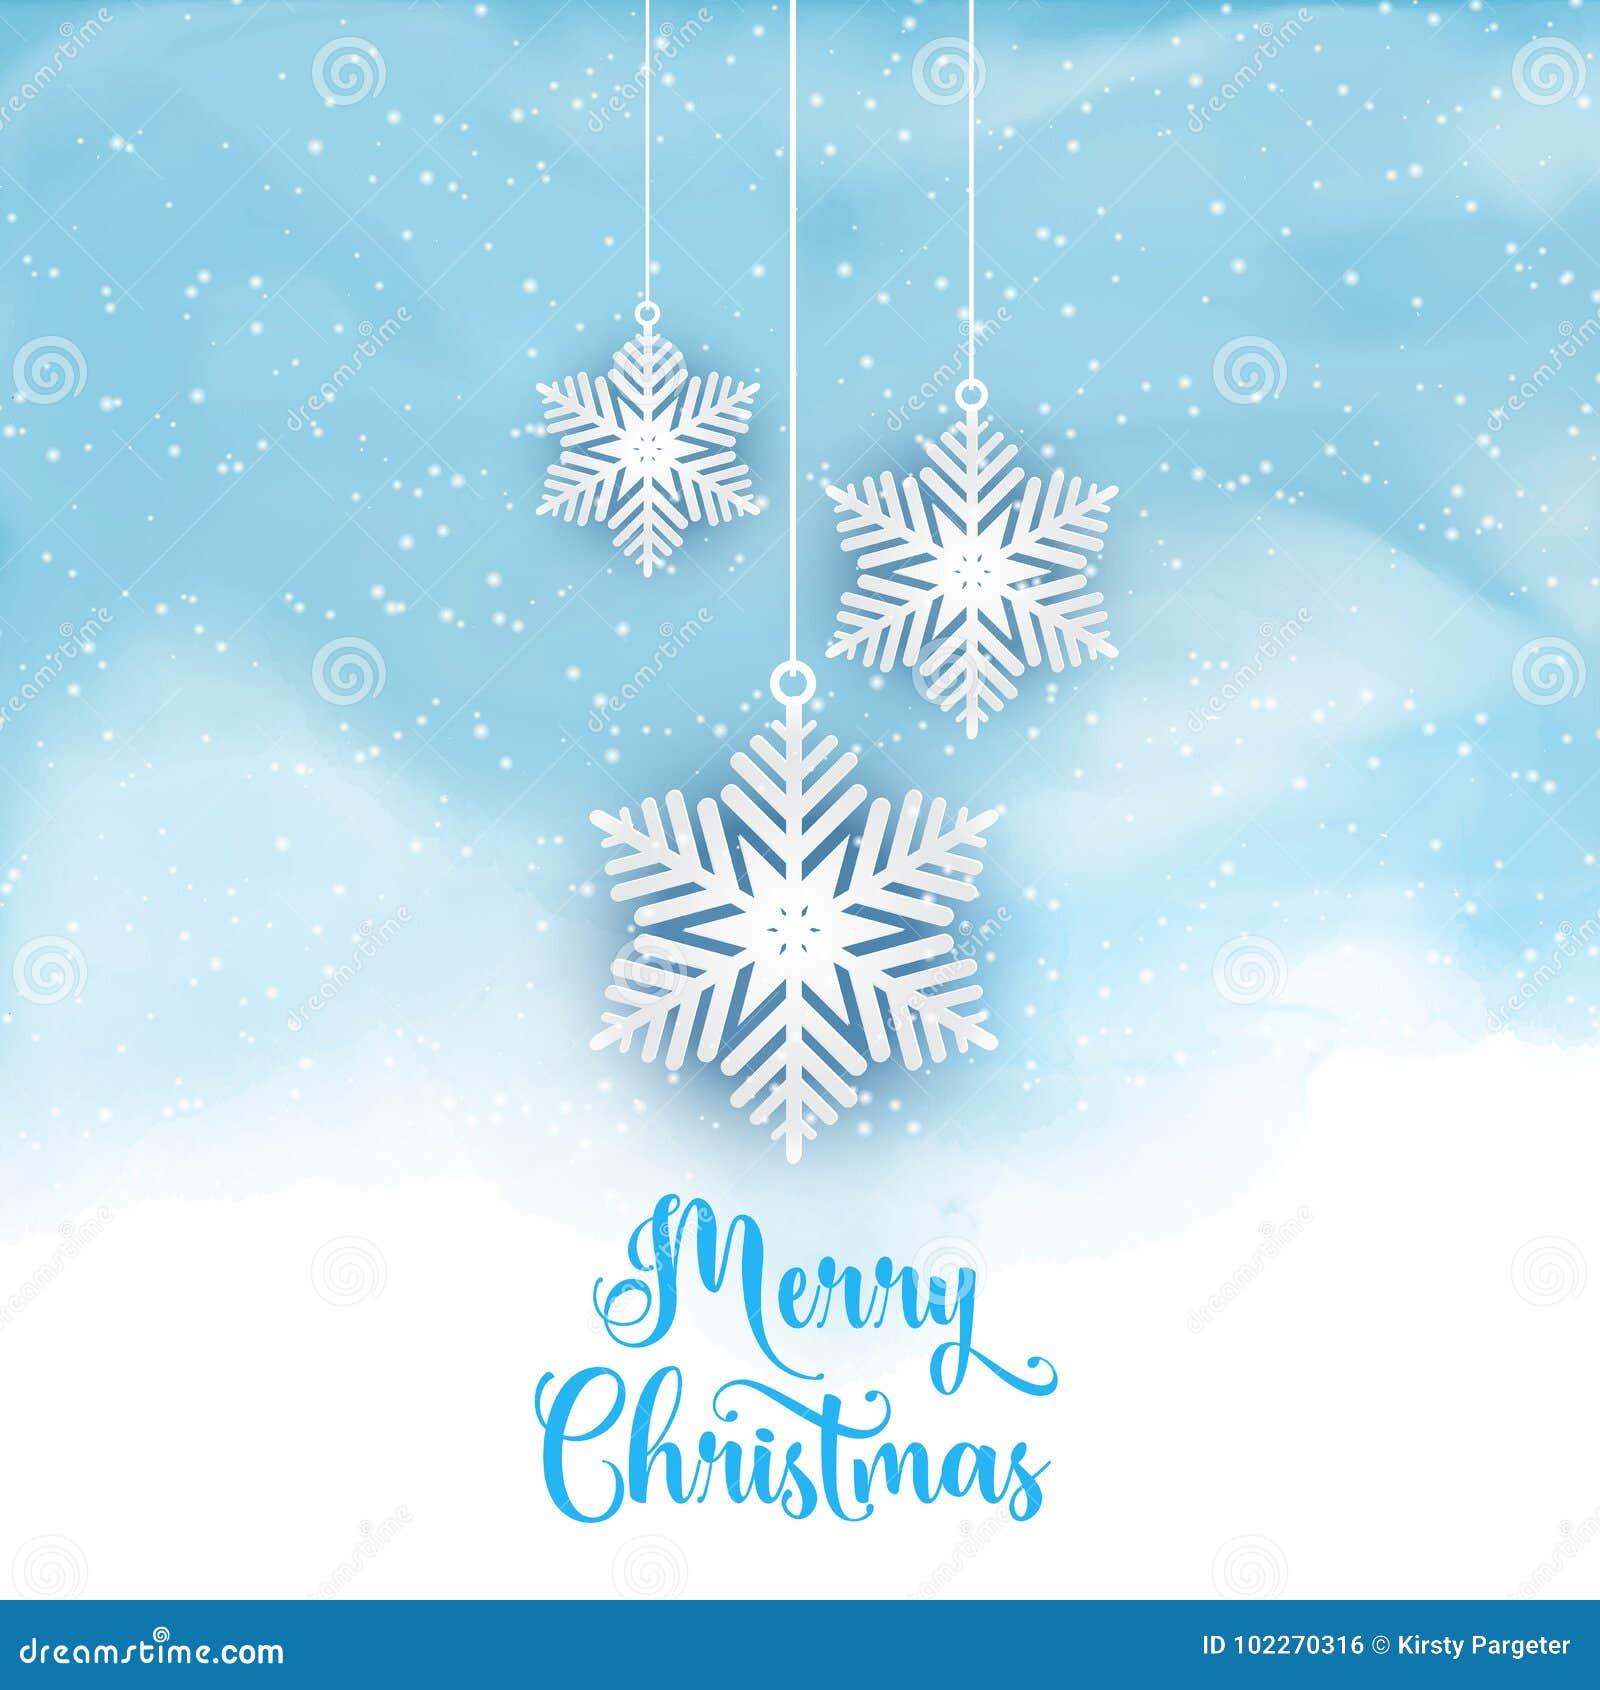 Weihnachtsbilder Gemalt.Mehr Weihnachtsbilder In Meinem Portefeuille Stock Abbildung